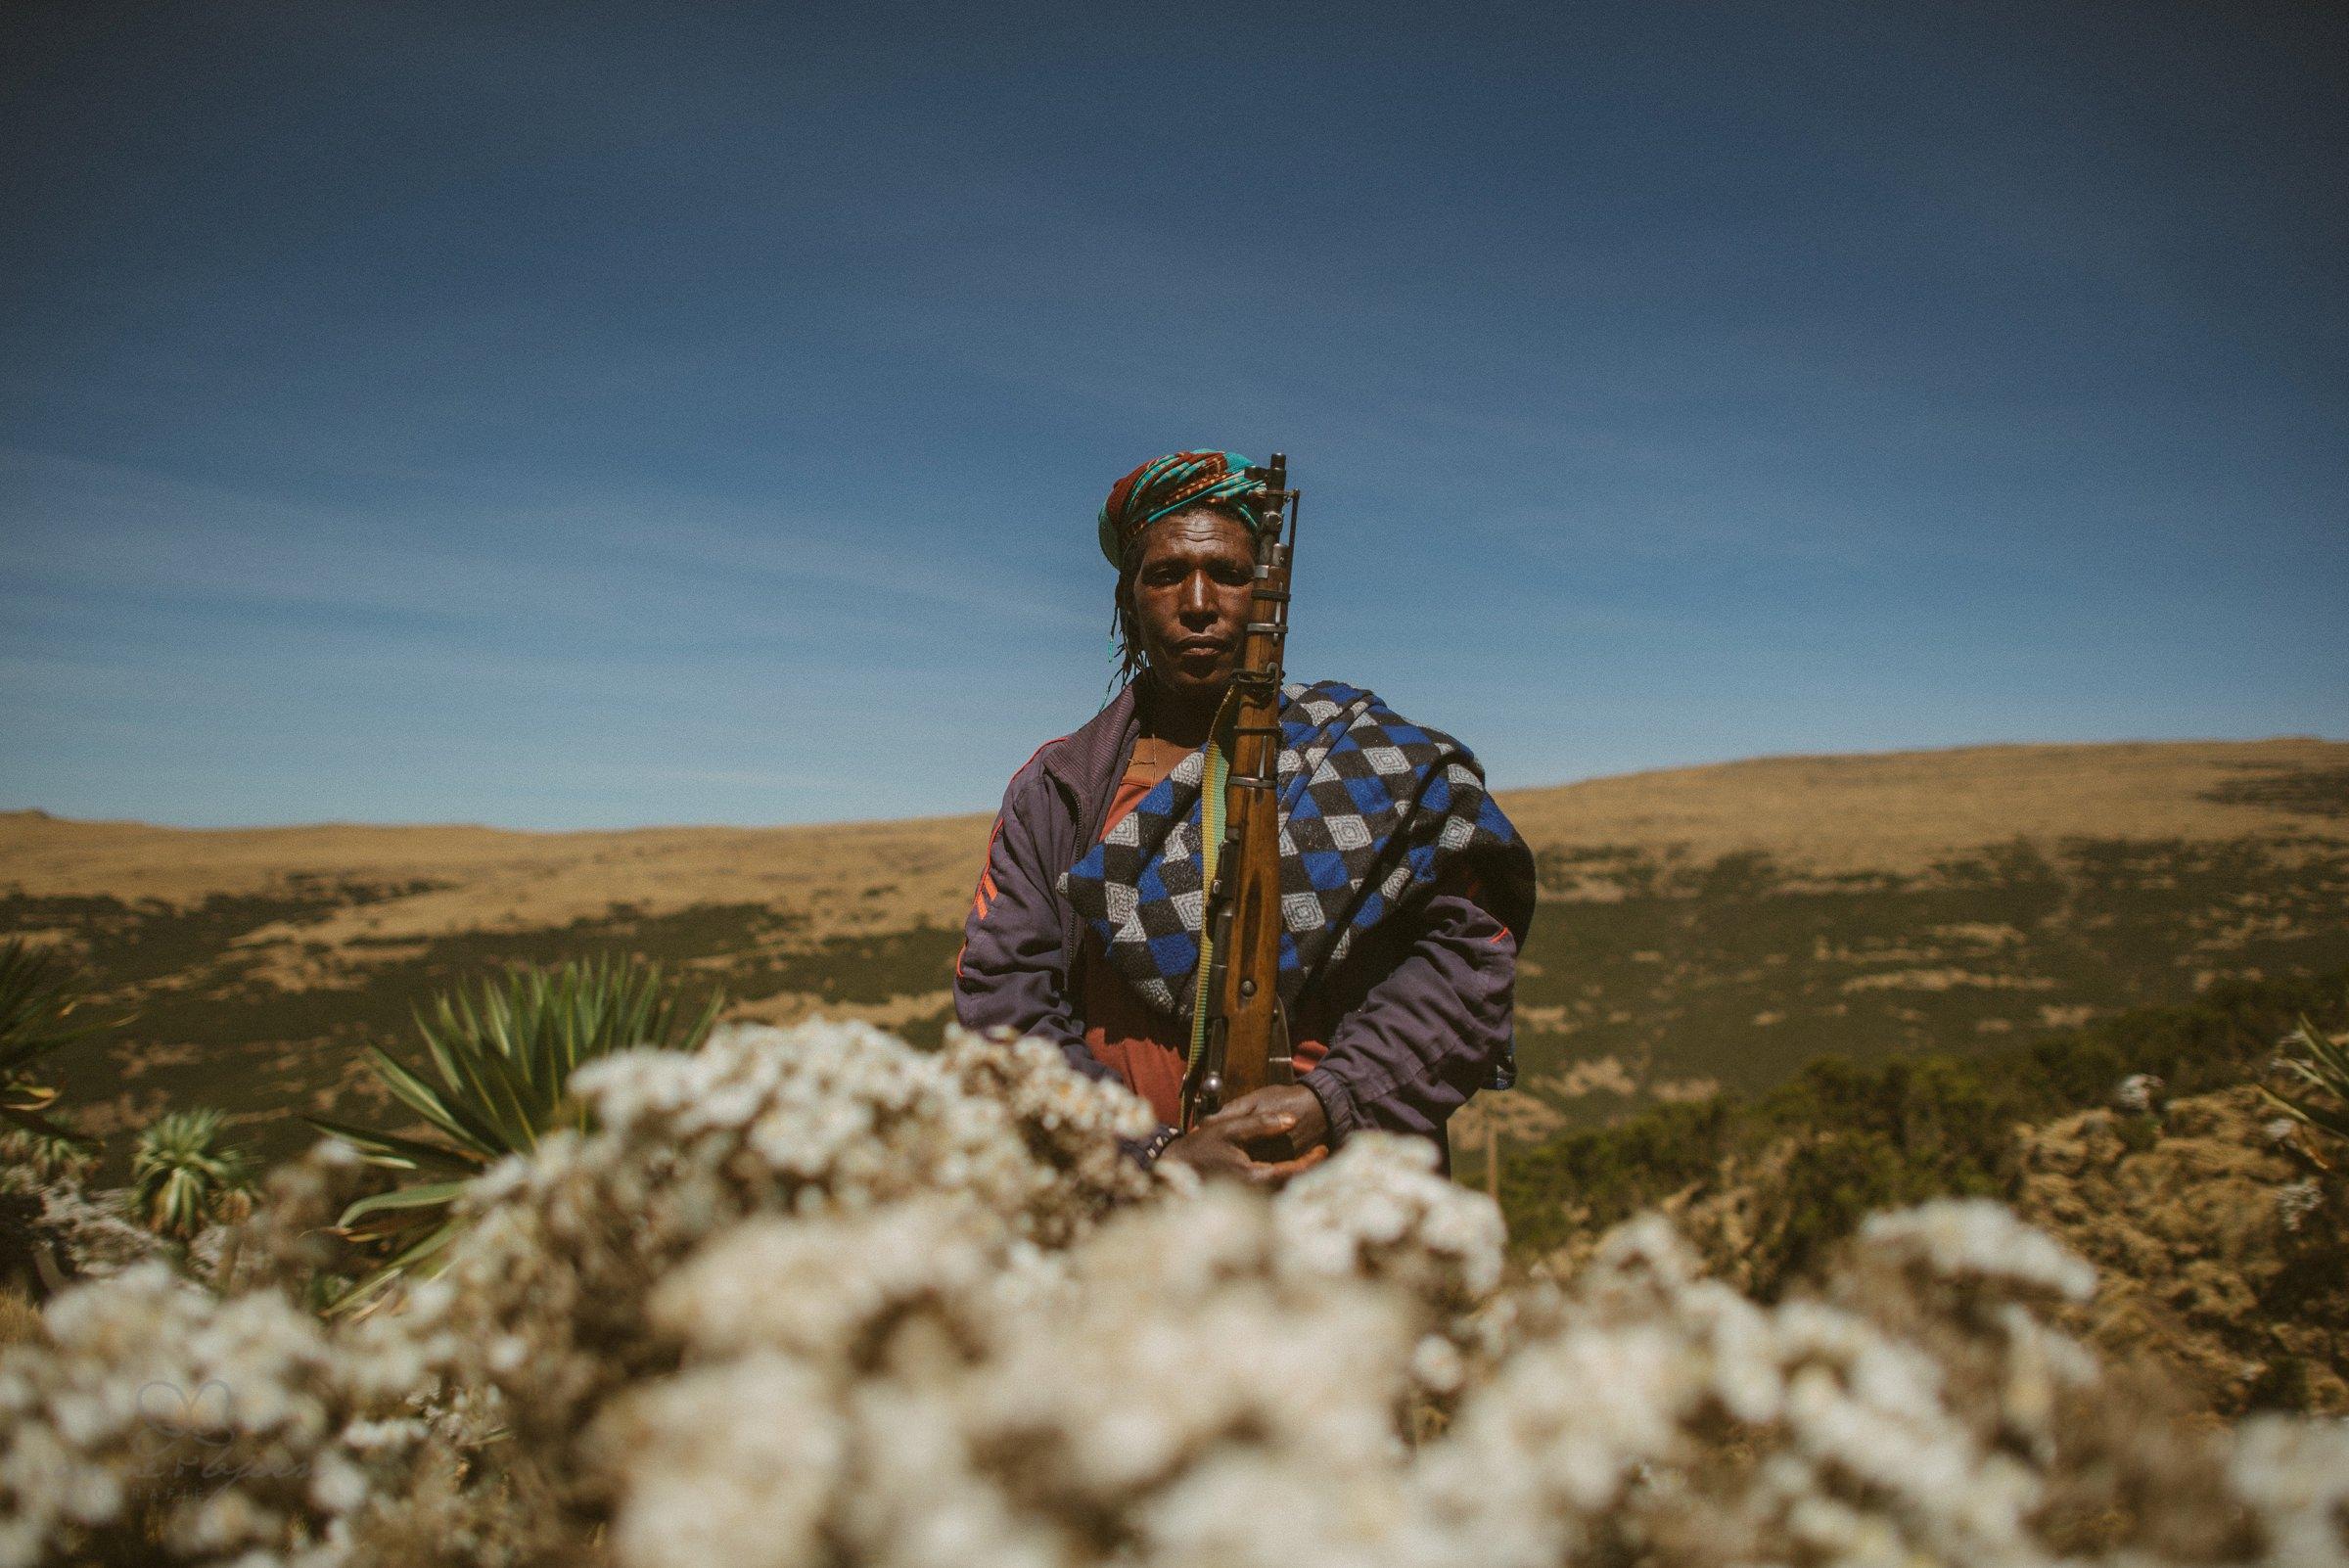 Mann mit Gewehr, Schutz, Guide, Africa, Blumen, Portrait, Reisefotograf